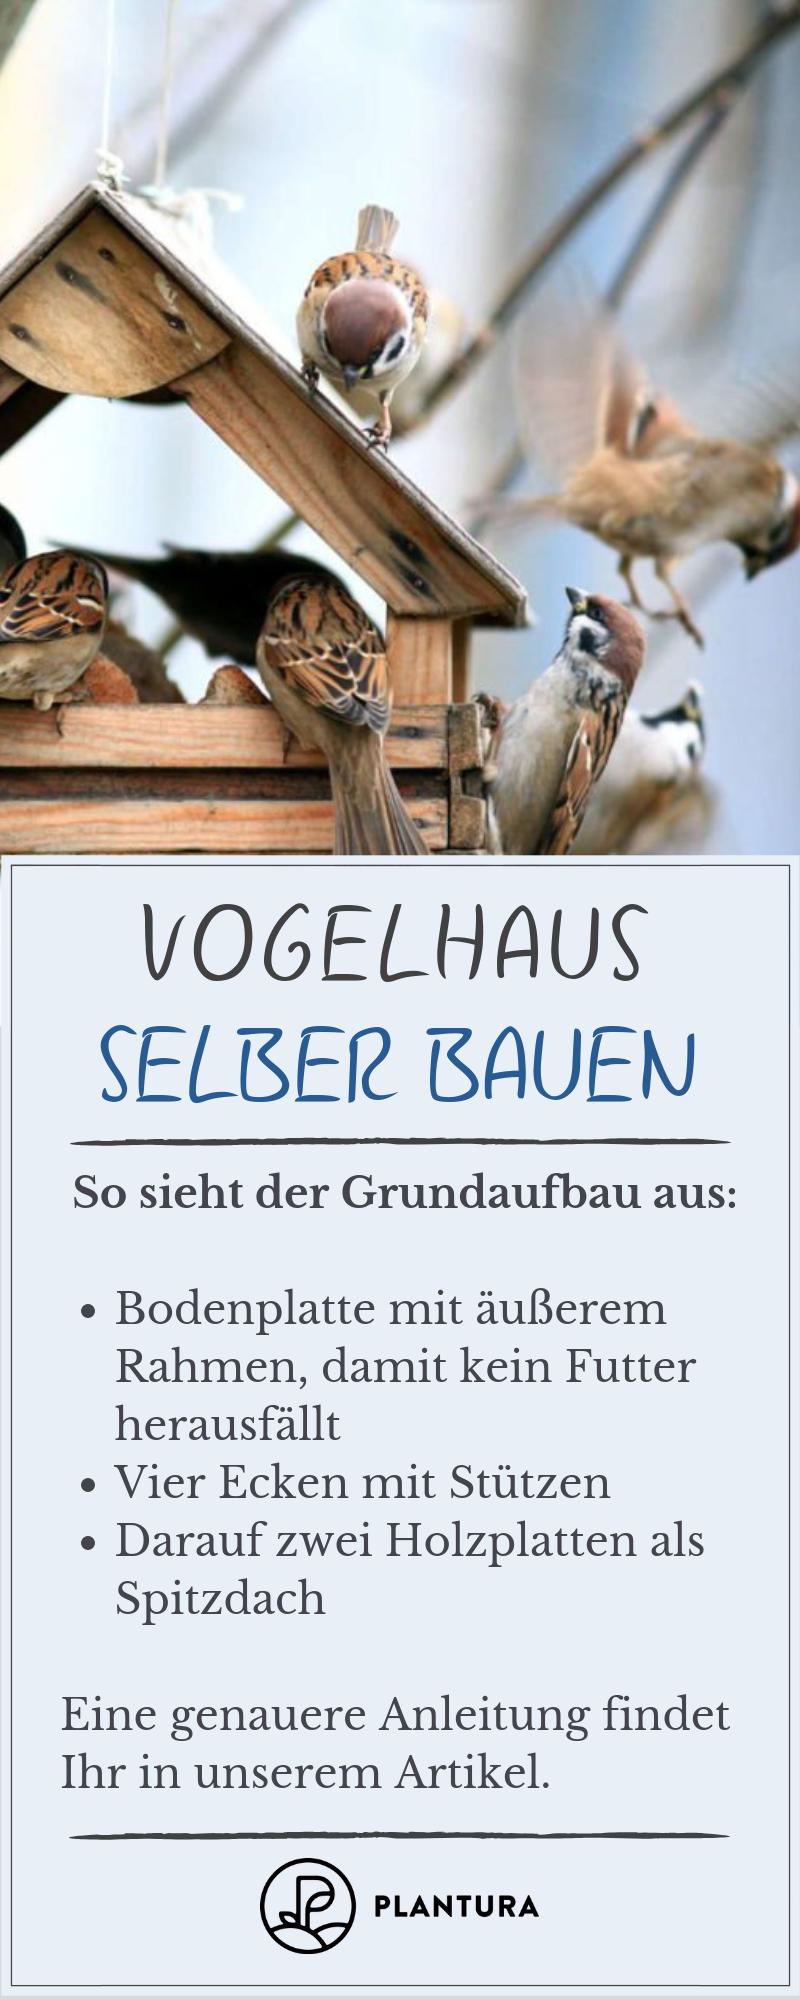 Vogelfutterhaus selber bauen: Anleitung, Ideen & Voraussetzungen #vogelhausbauen